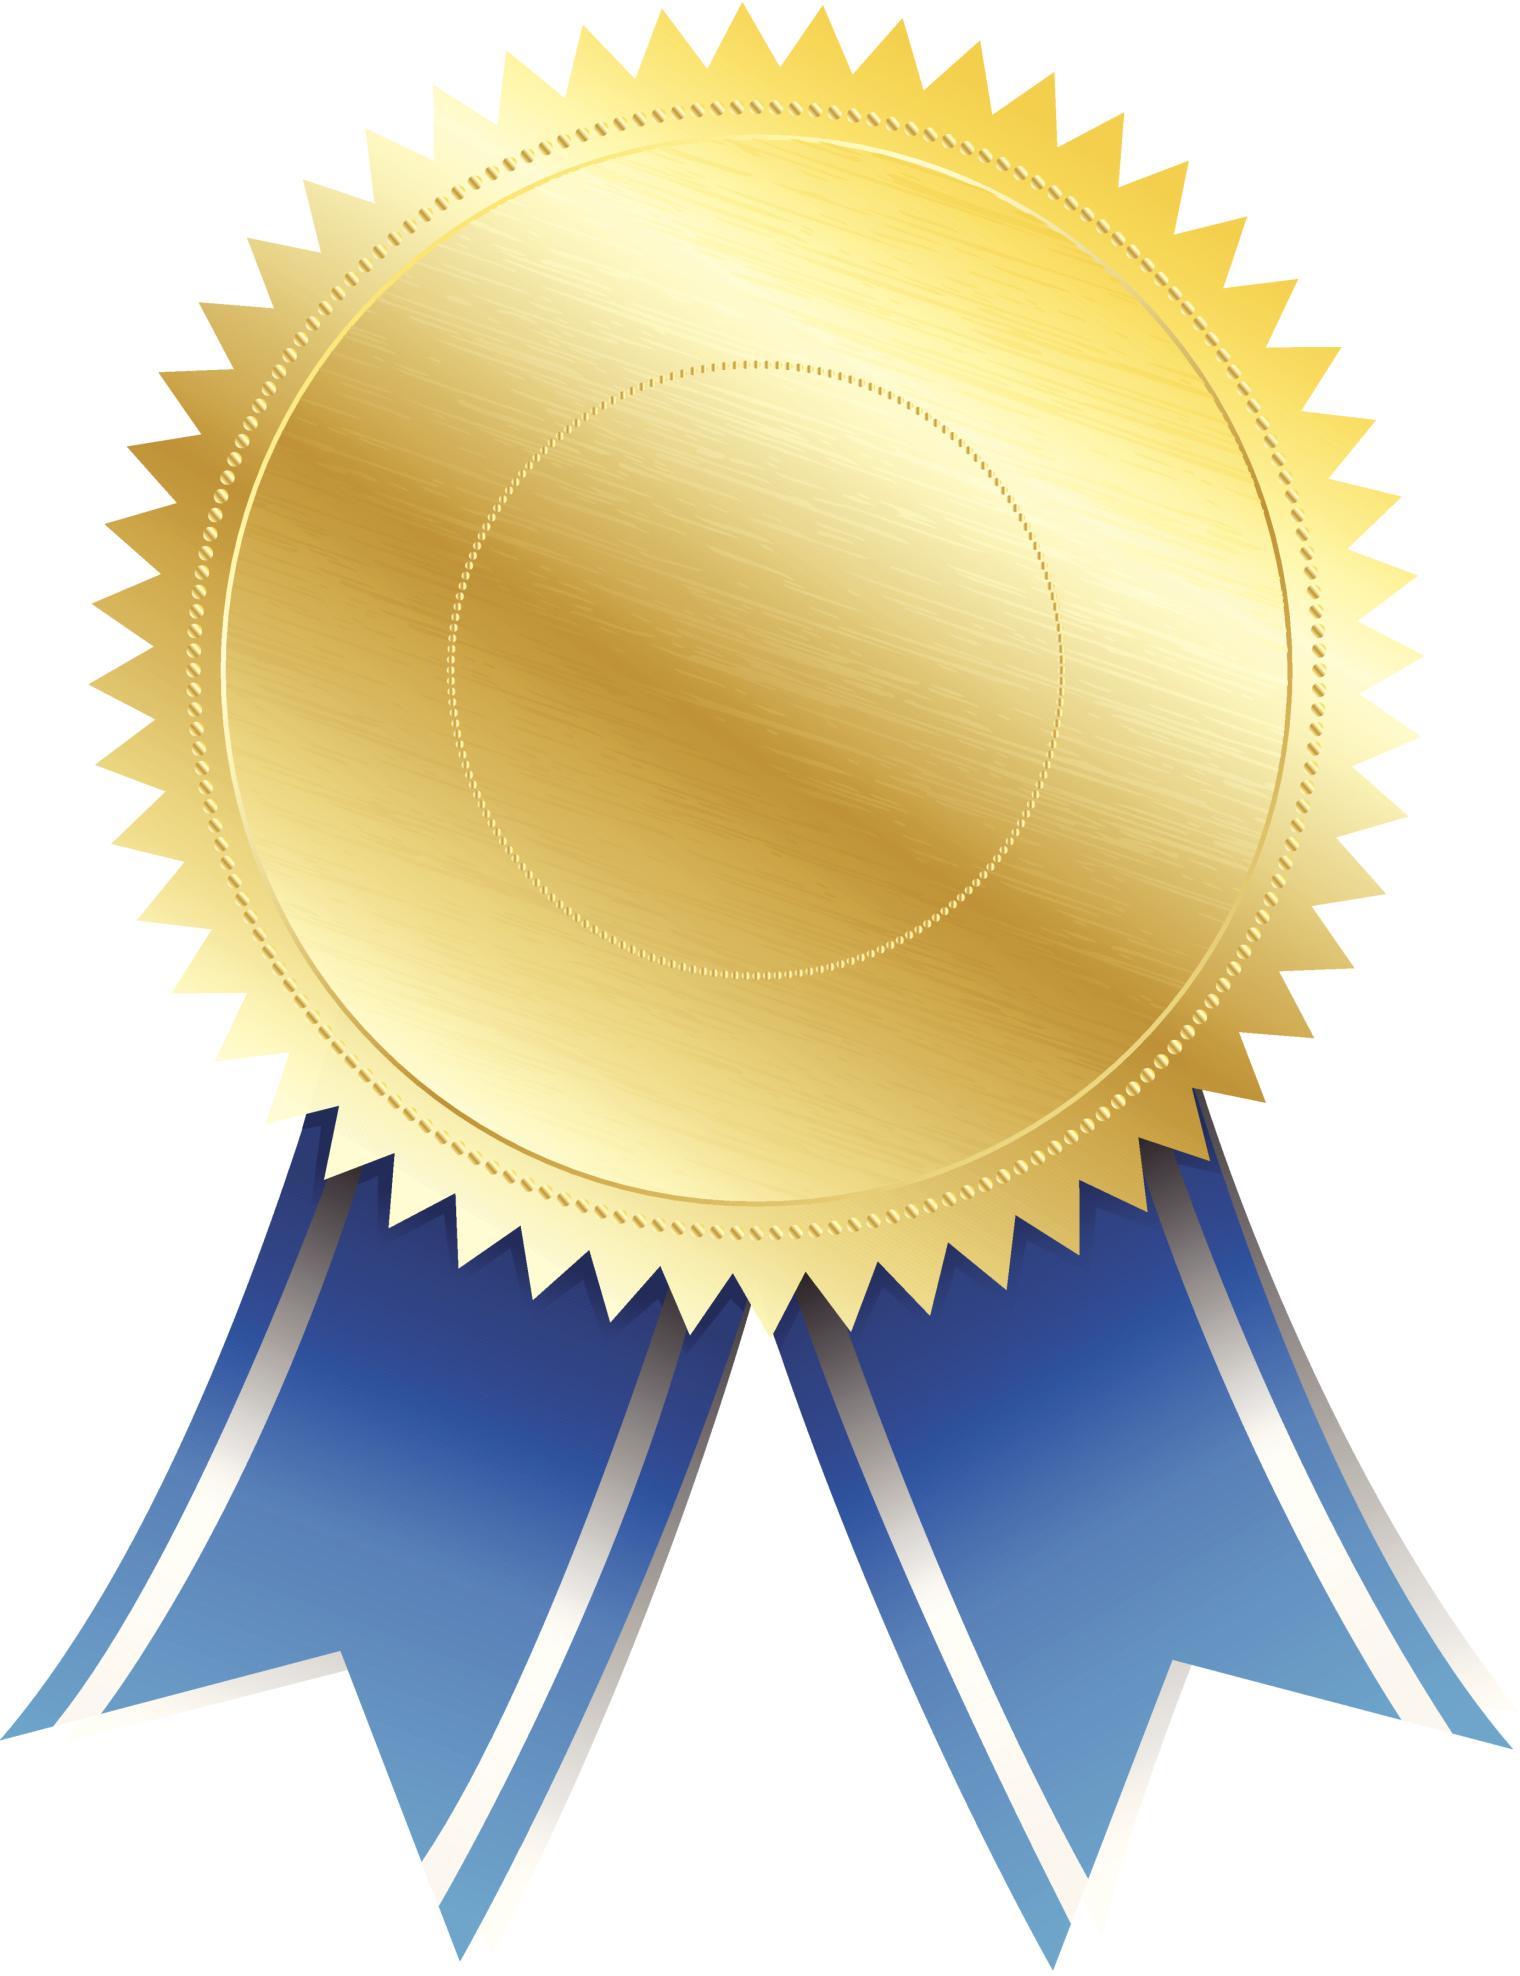 Award Ribbon Clipart | Free download best Award Ribbon ...